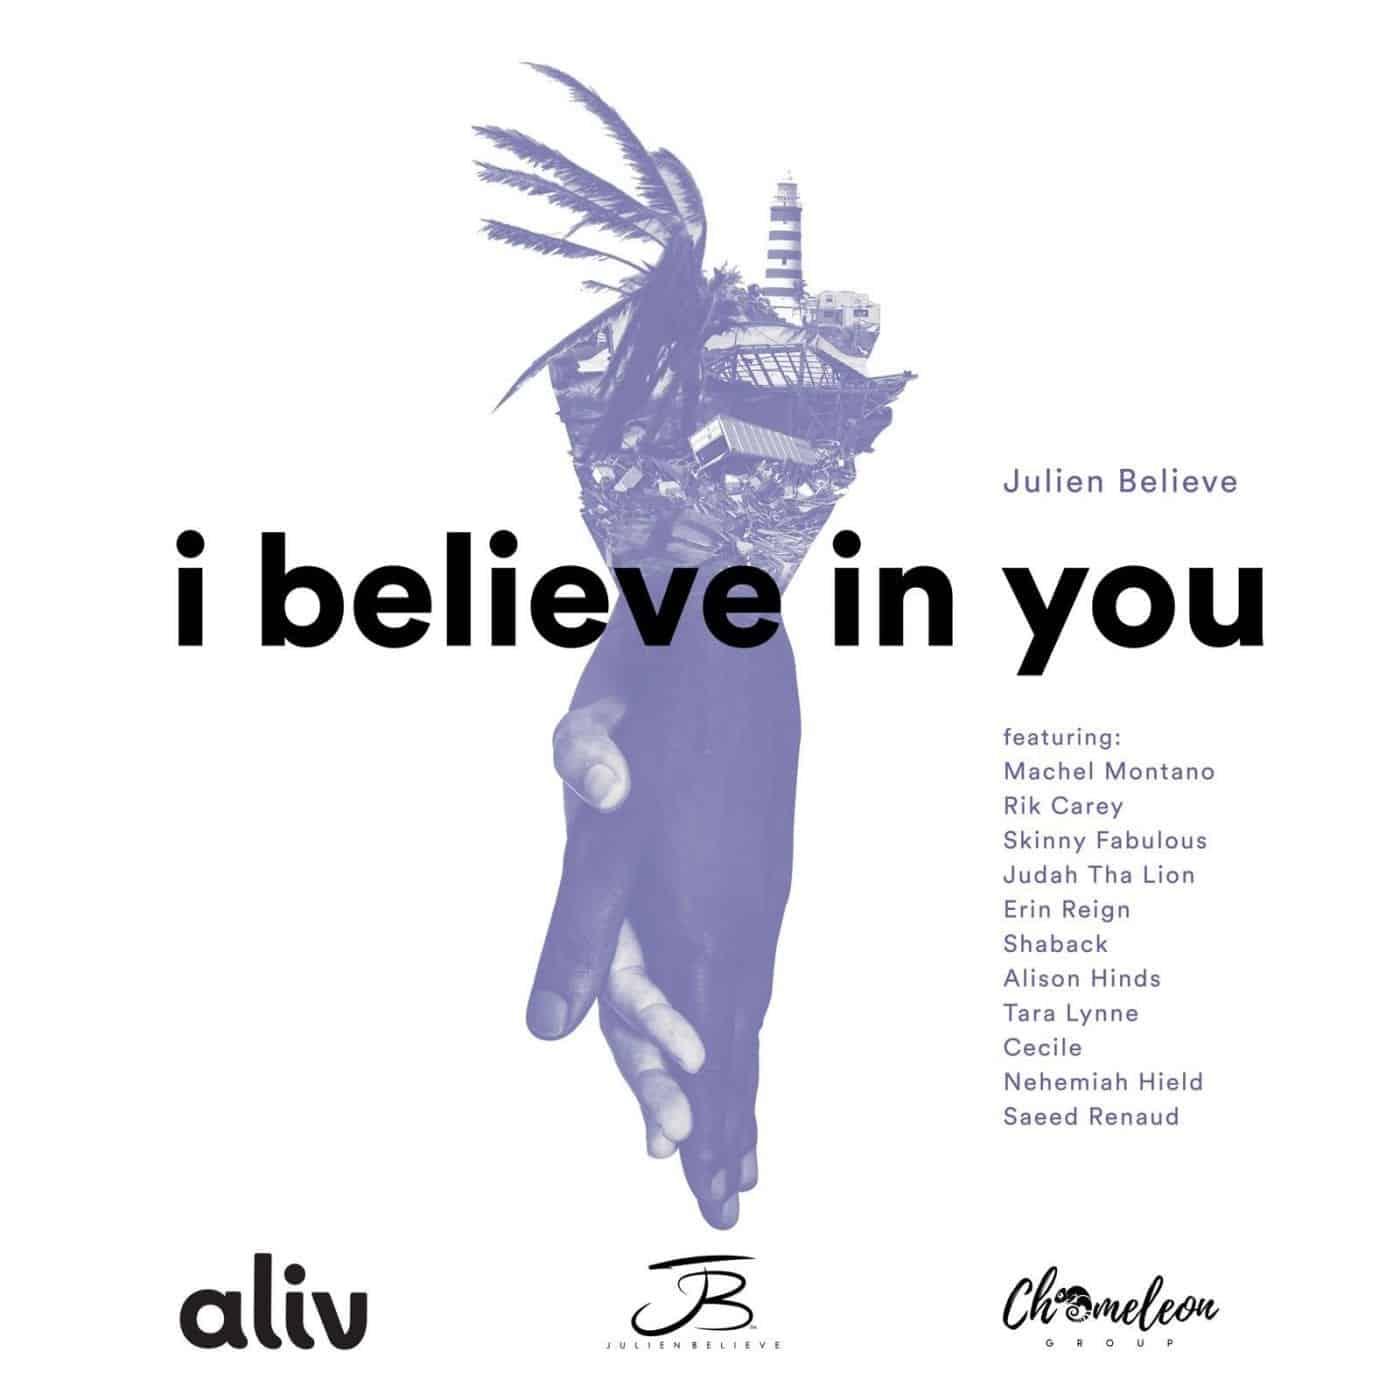 Julien Believe - I Believe In You feat. Machel Montano, Skinny Fabulous, Alison Hinds & Friends